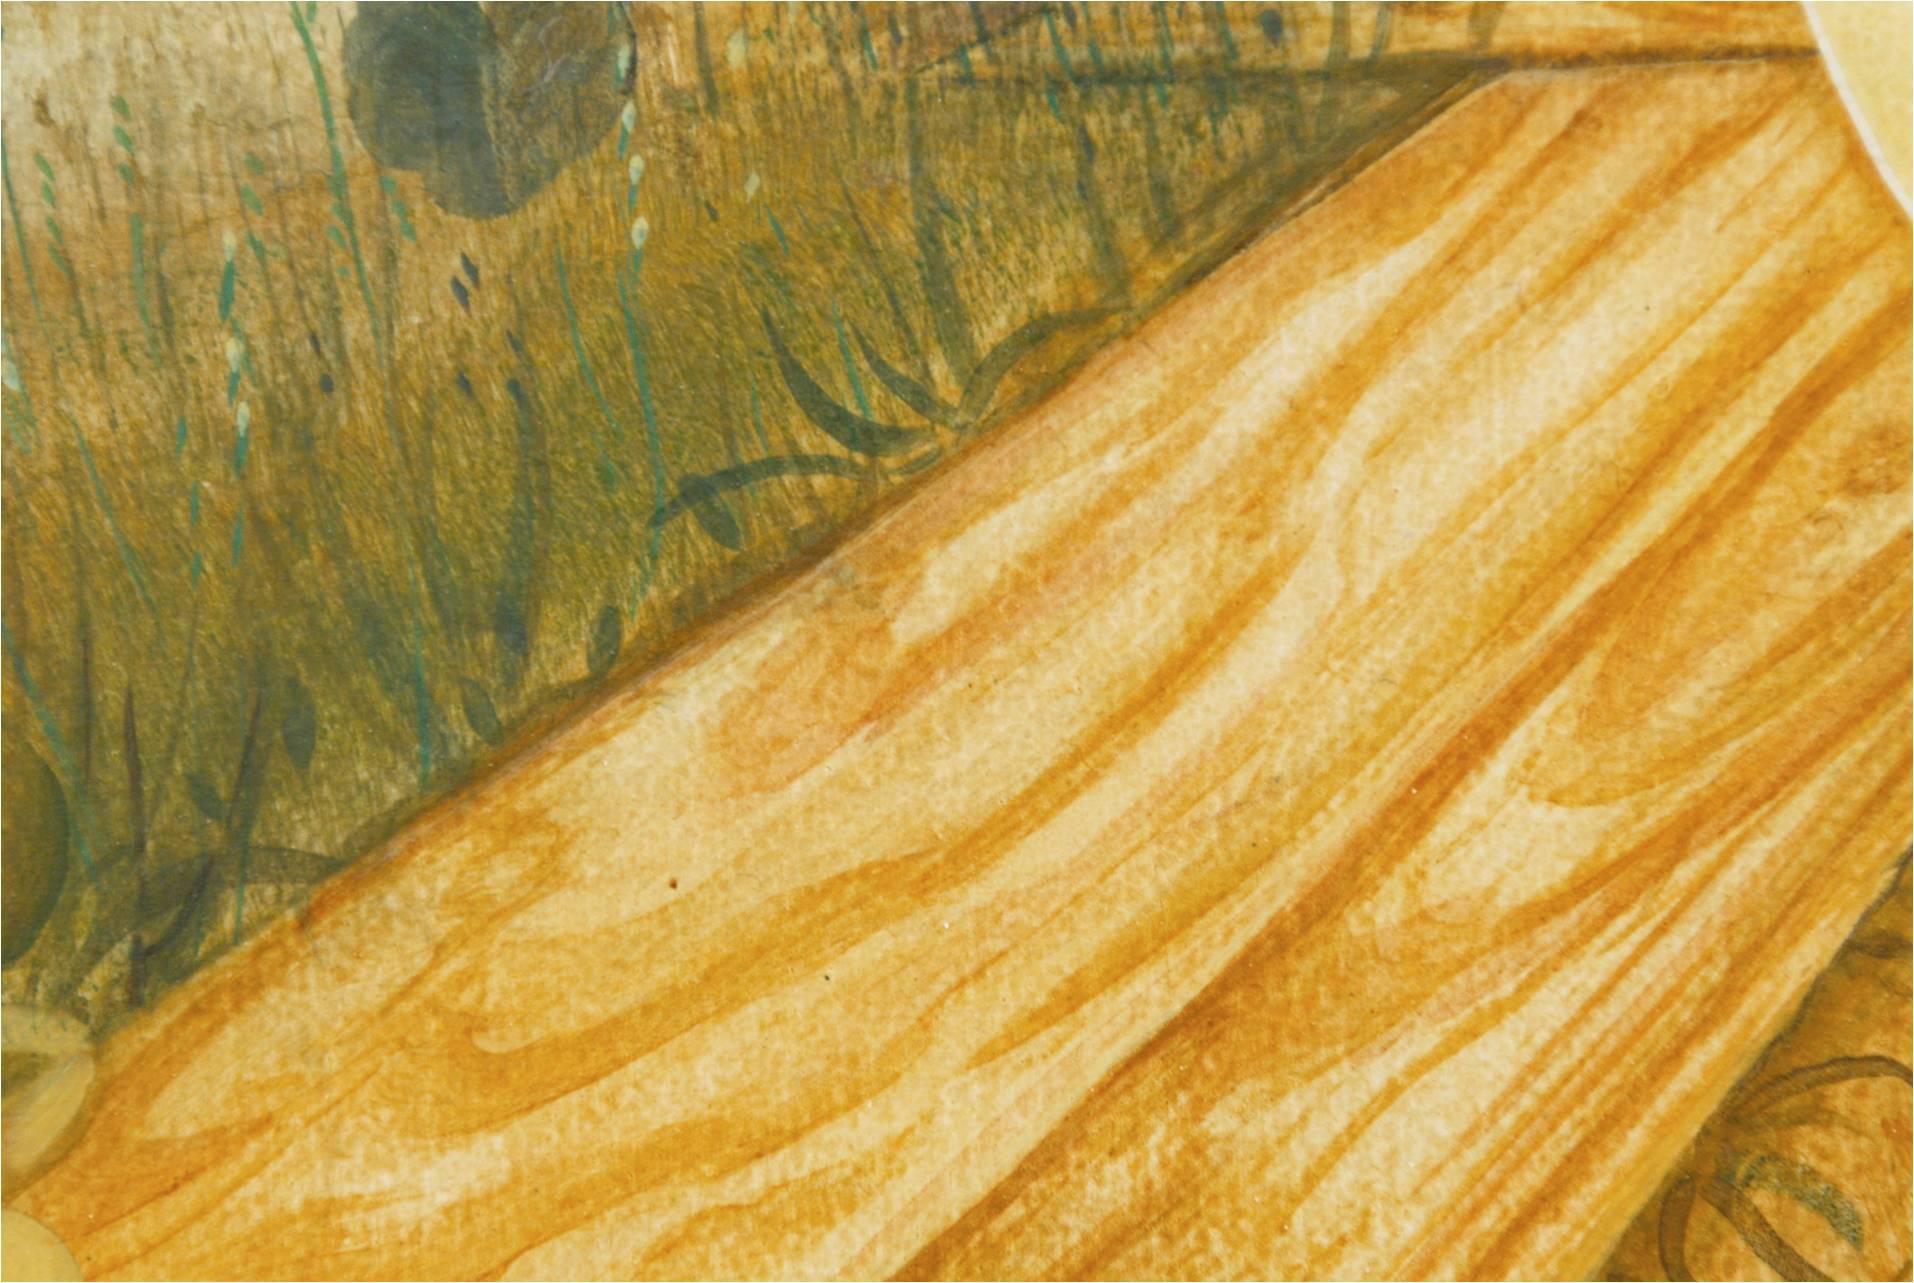 Auch der Holzrahmen, der das Grab umgibt, ist von Gräsern und Blumen umgeben. Fast sieht es so aus, als ob die Blumen aus dem Holz herauswachsen. Das tote Holz der Grabeinfassung scheint wieder lebendig zu werden.